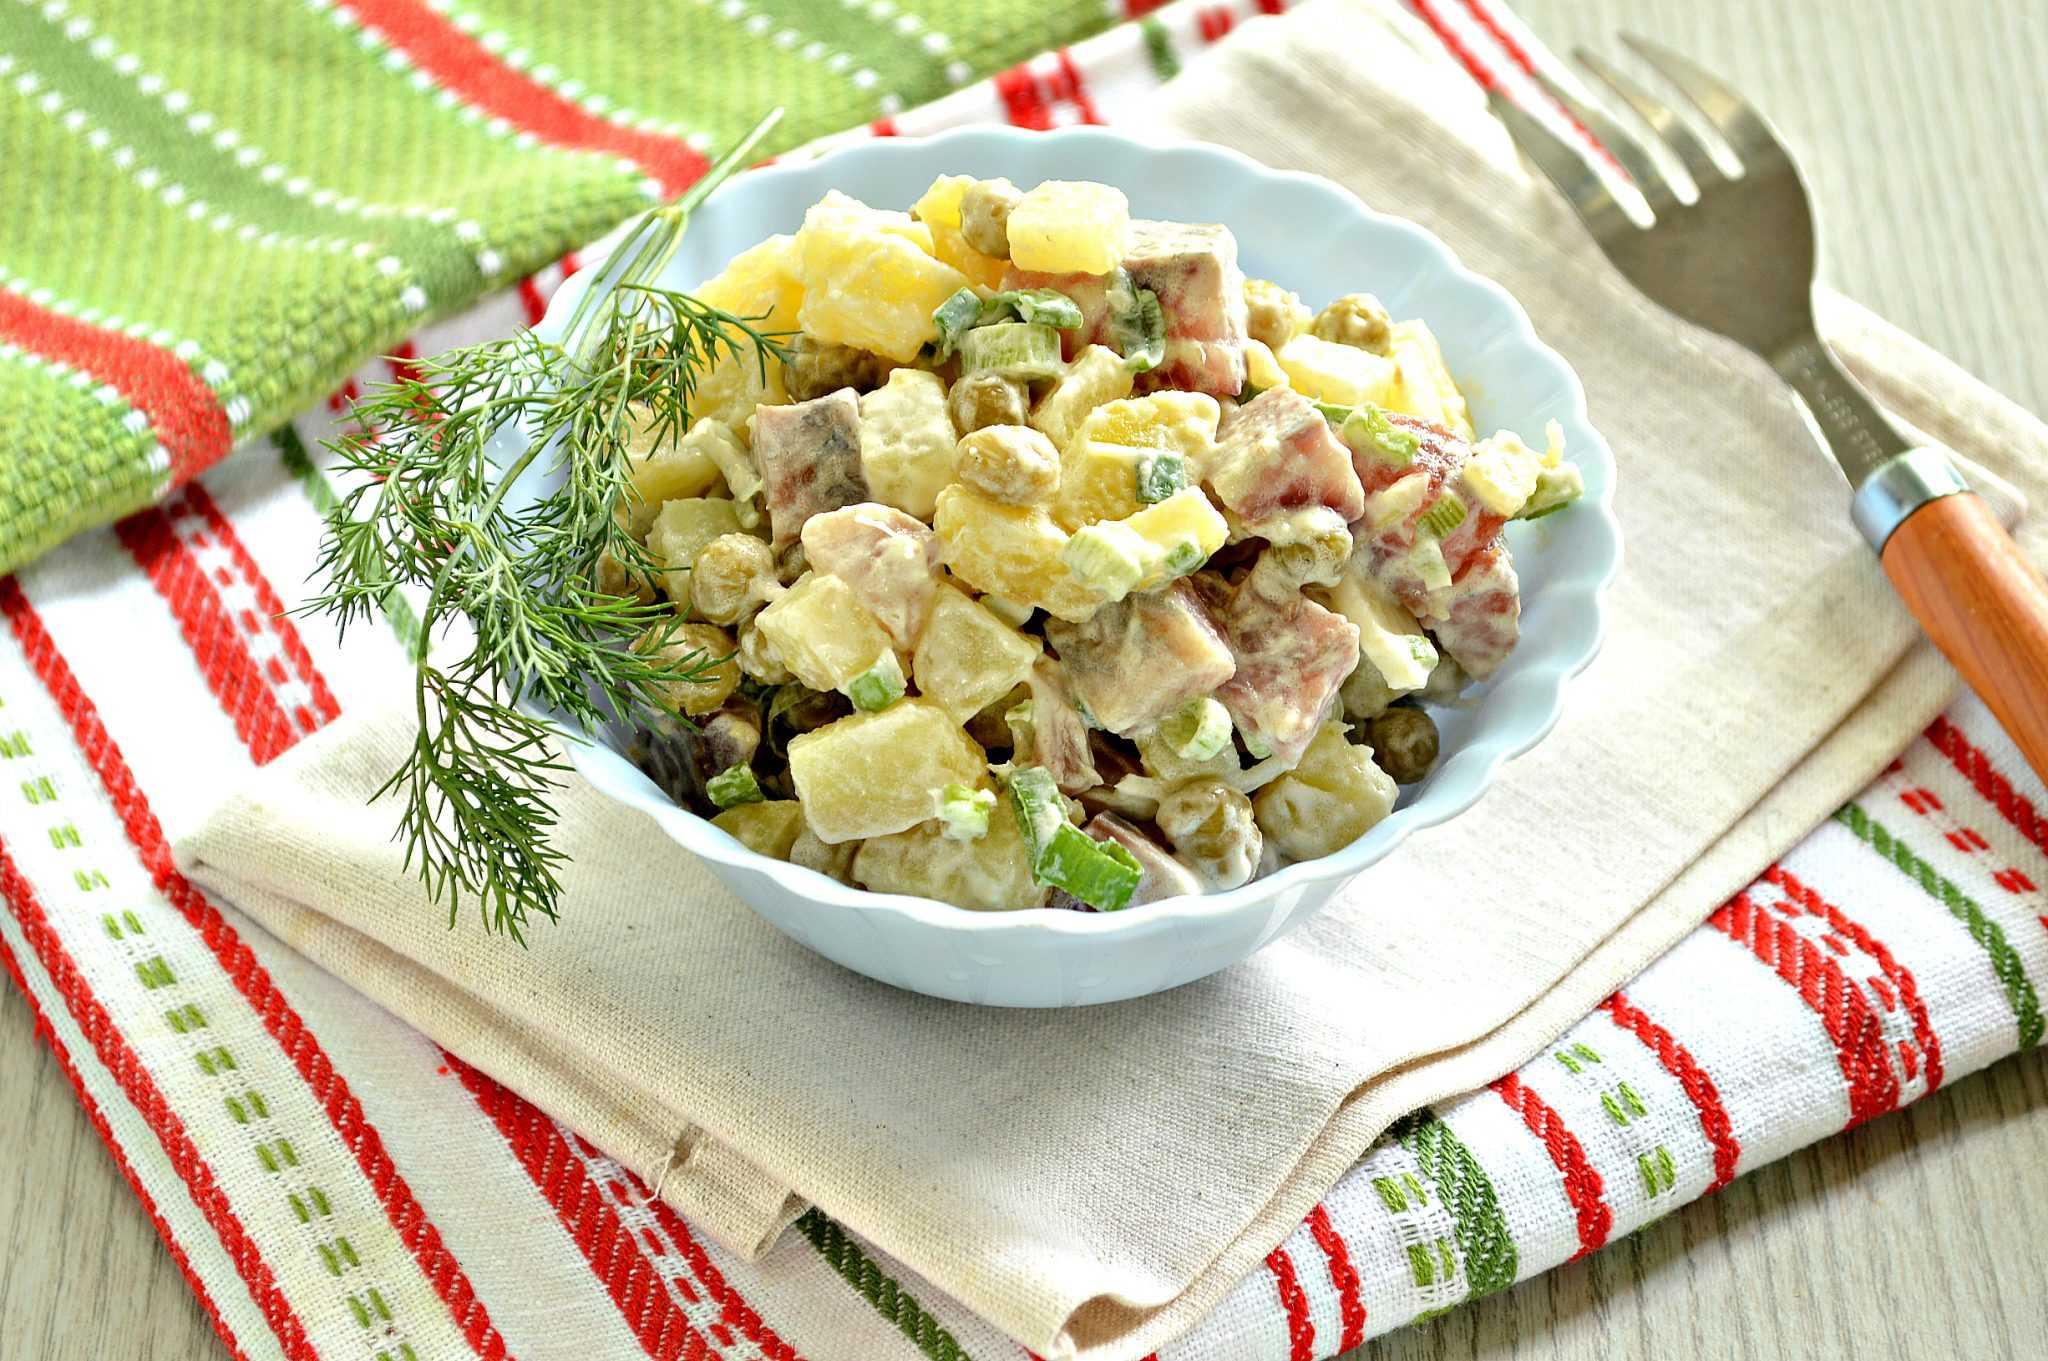 Салат «норвежский» с сельдью и свеклой, рецепт